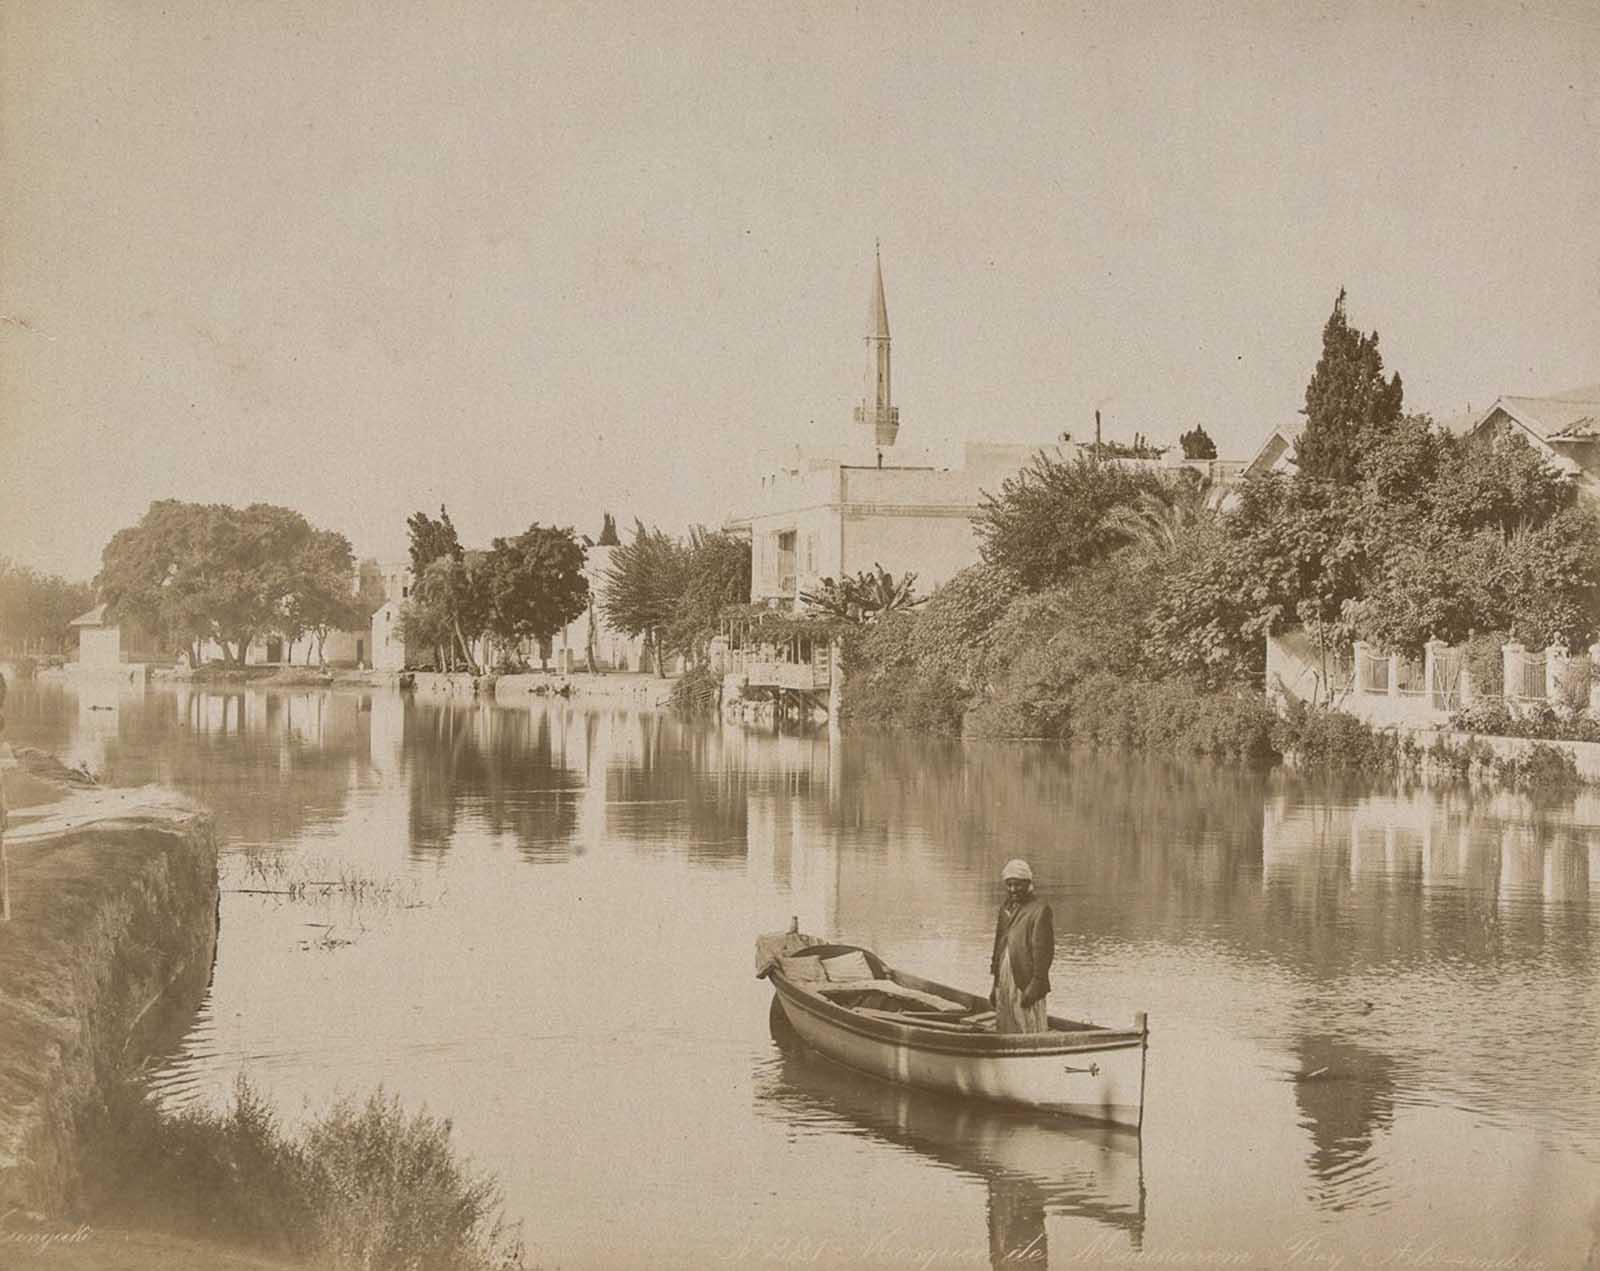 Vista del río, Alejandría.